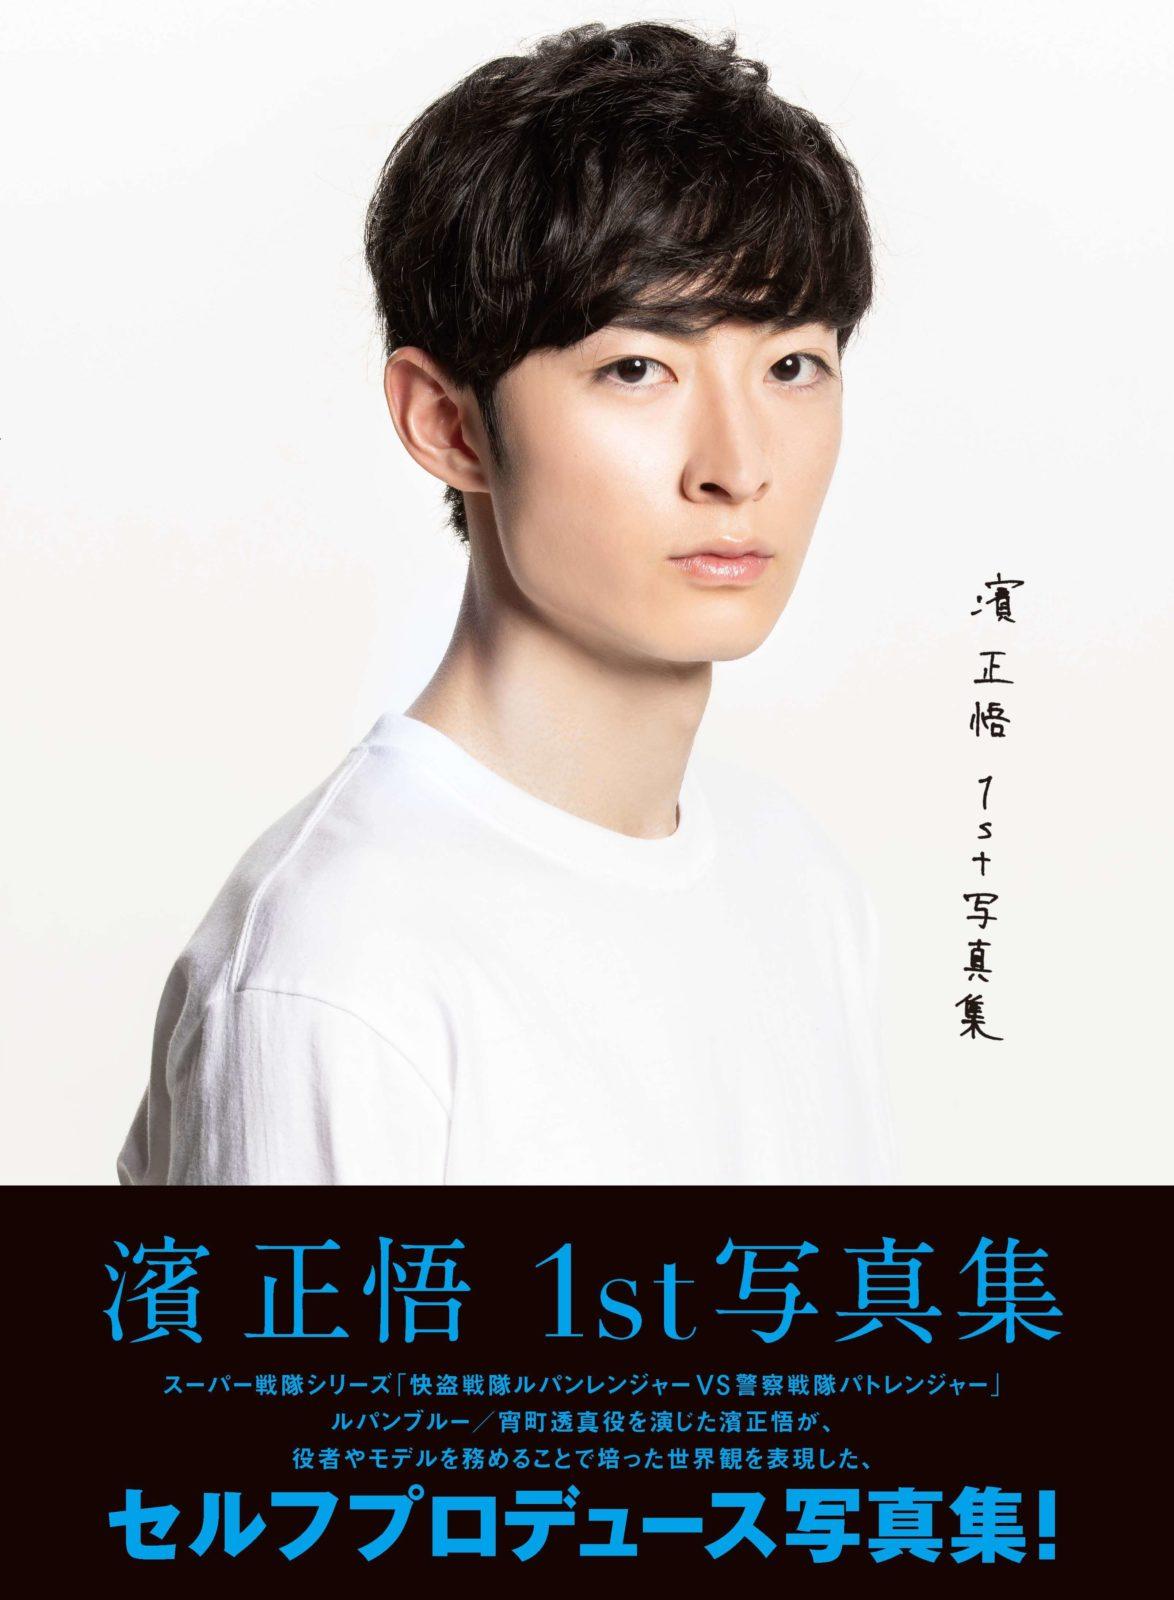 濱 正悟 1st写真集WEB予約発売開始&発売イベント詳細発表サムネイル画像